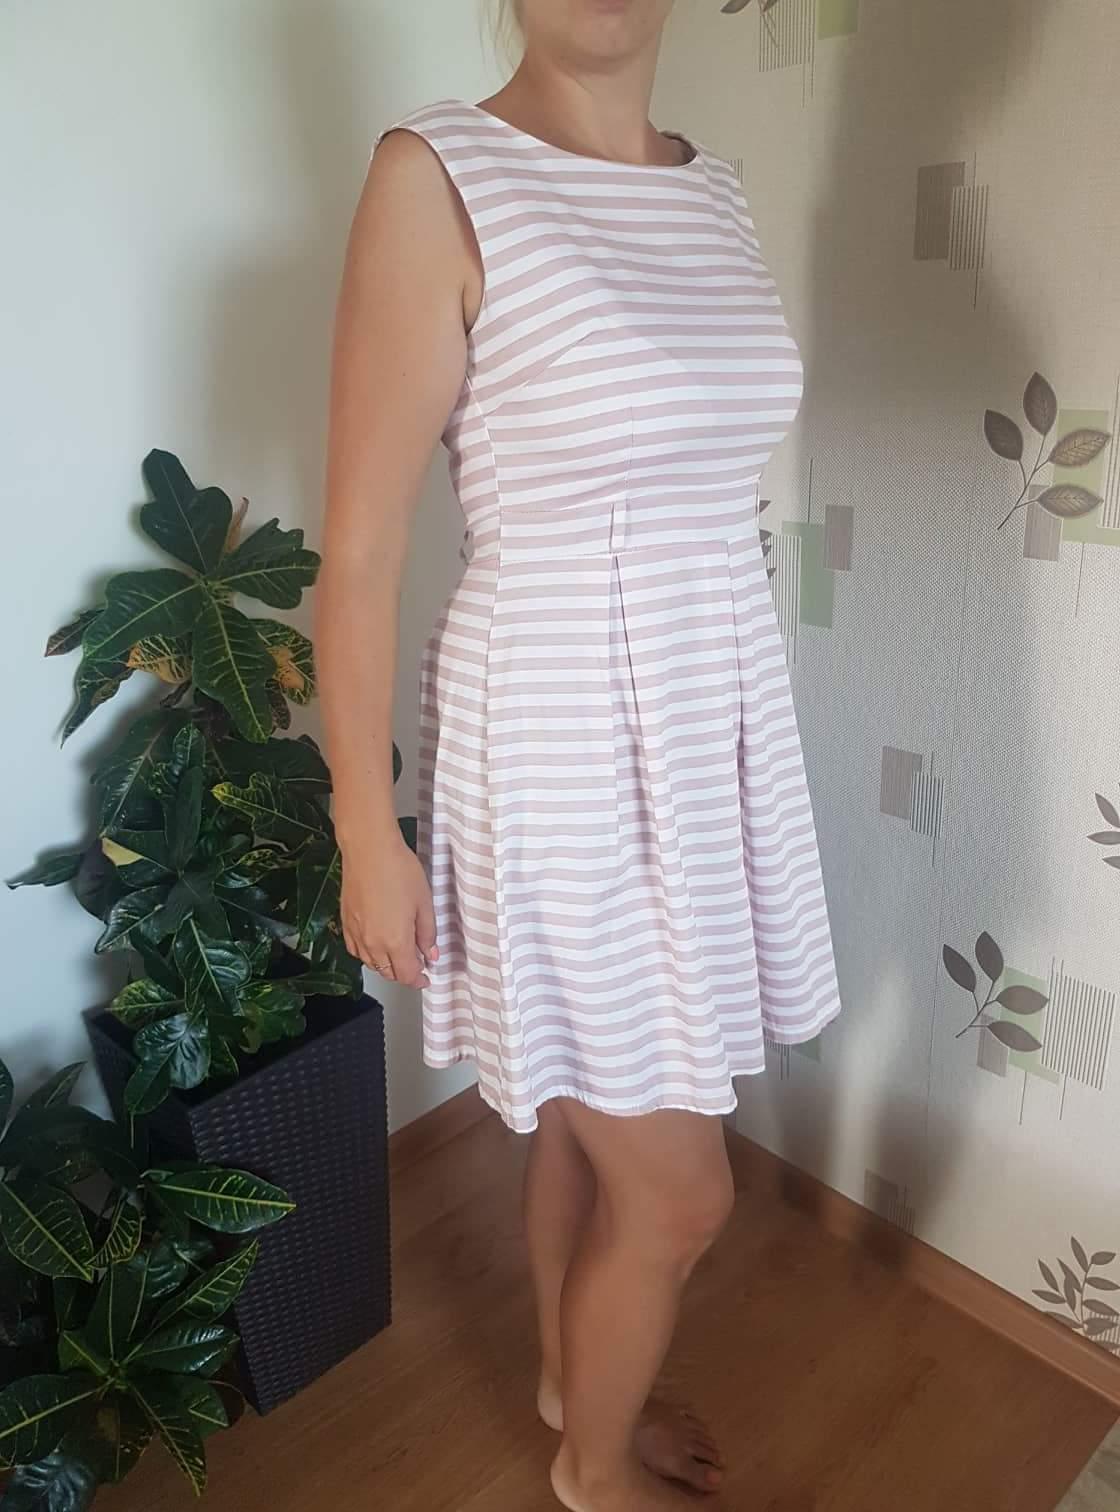 Pásikavé šaty.  - Obrázok č. 1